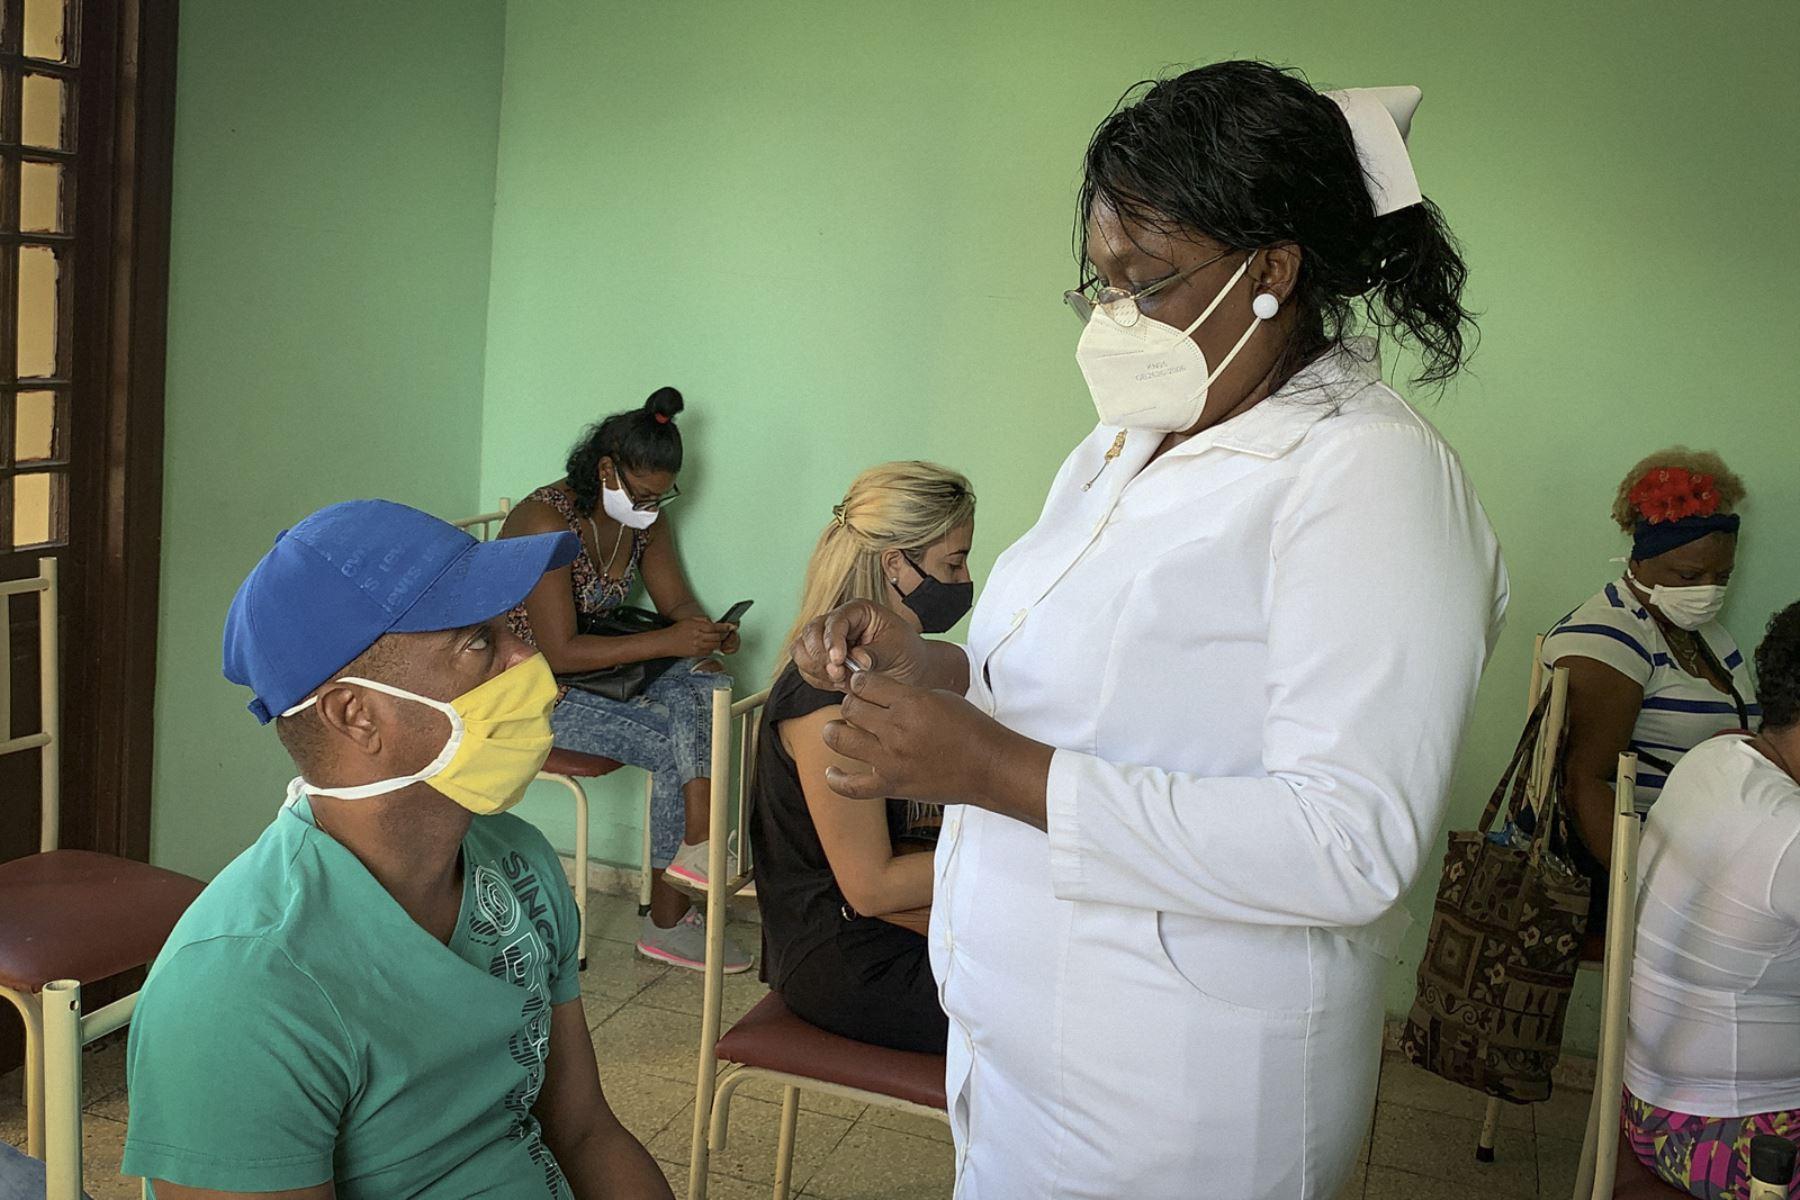 Una enfermera controla la temperatura de los cubanos pertenecientes al sistema de salud quienes esperan ser inoculados con la vacuna cubana Soberana 2, el 24 de marzo de 2021, en la Havana. Foto: AFP